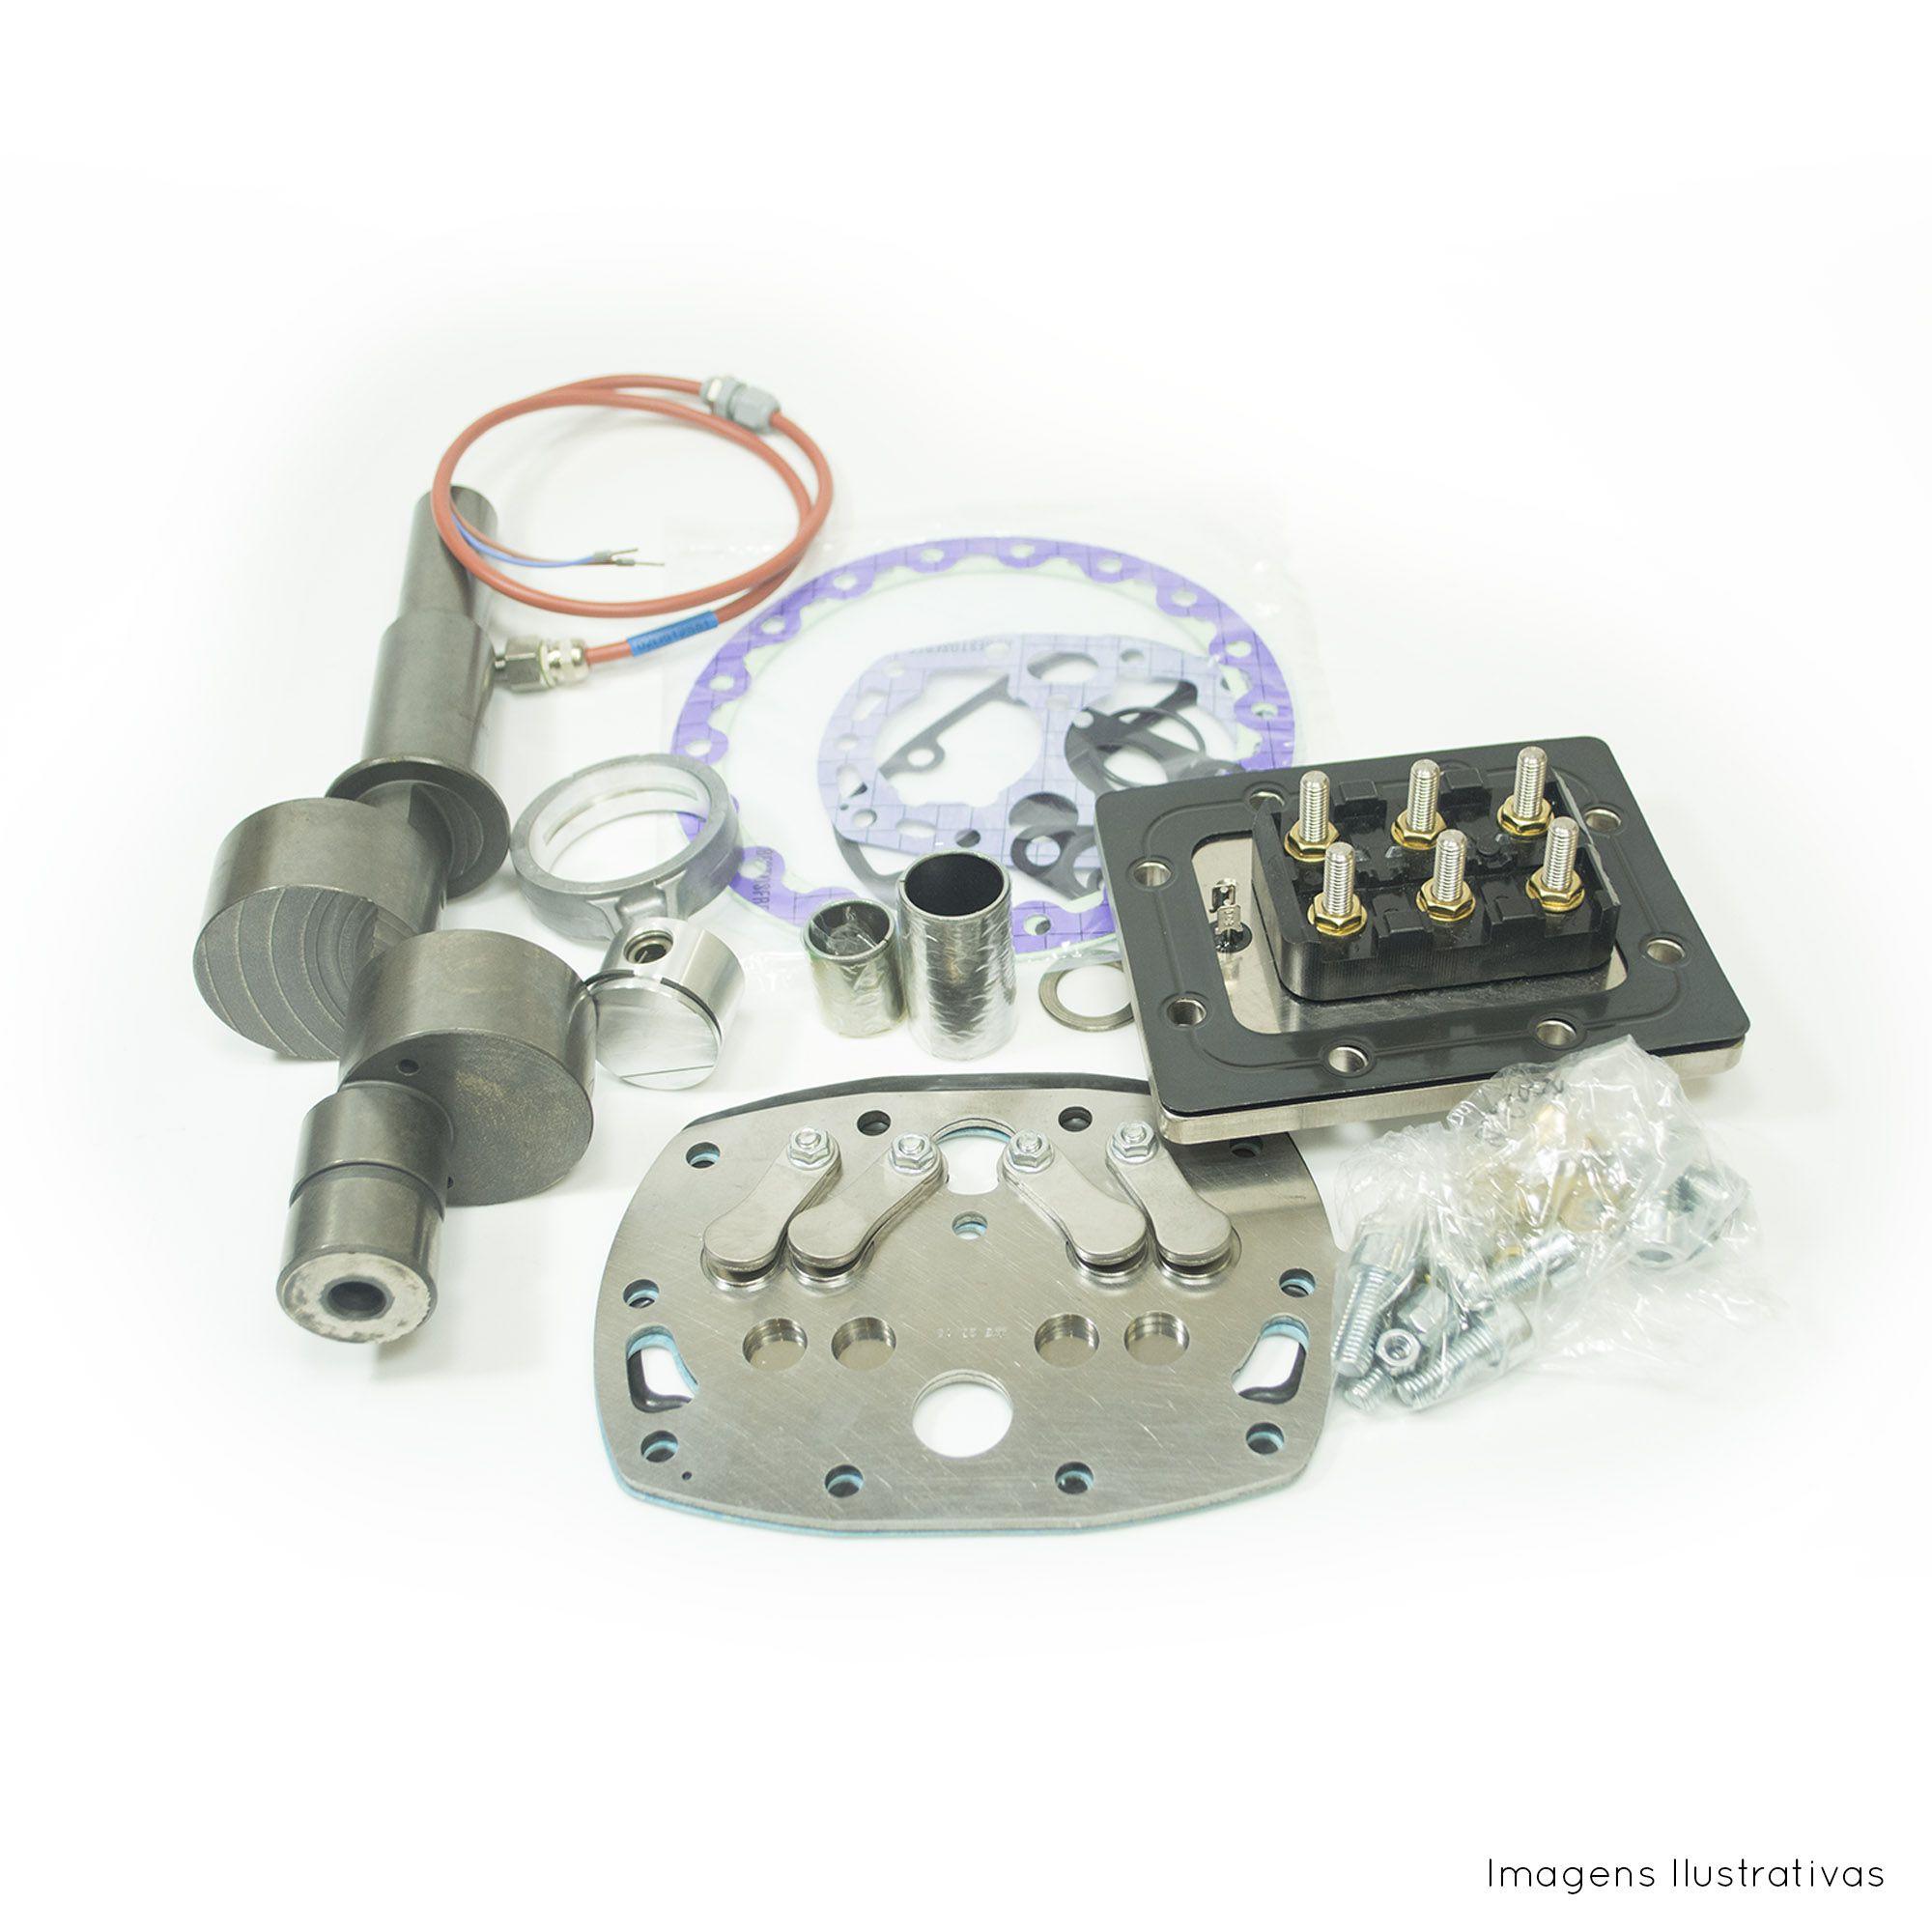 Kit Conexão Elétrica 900-10510